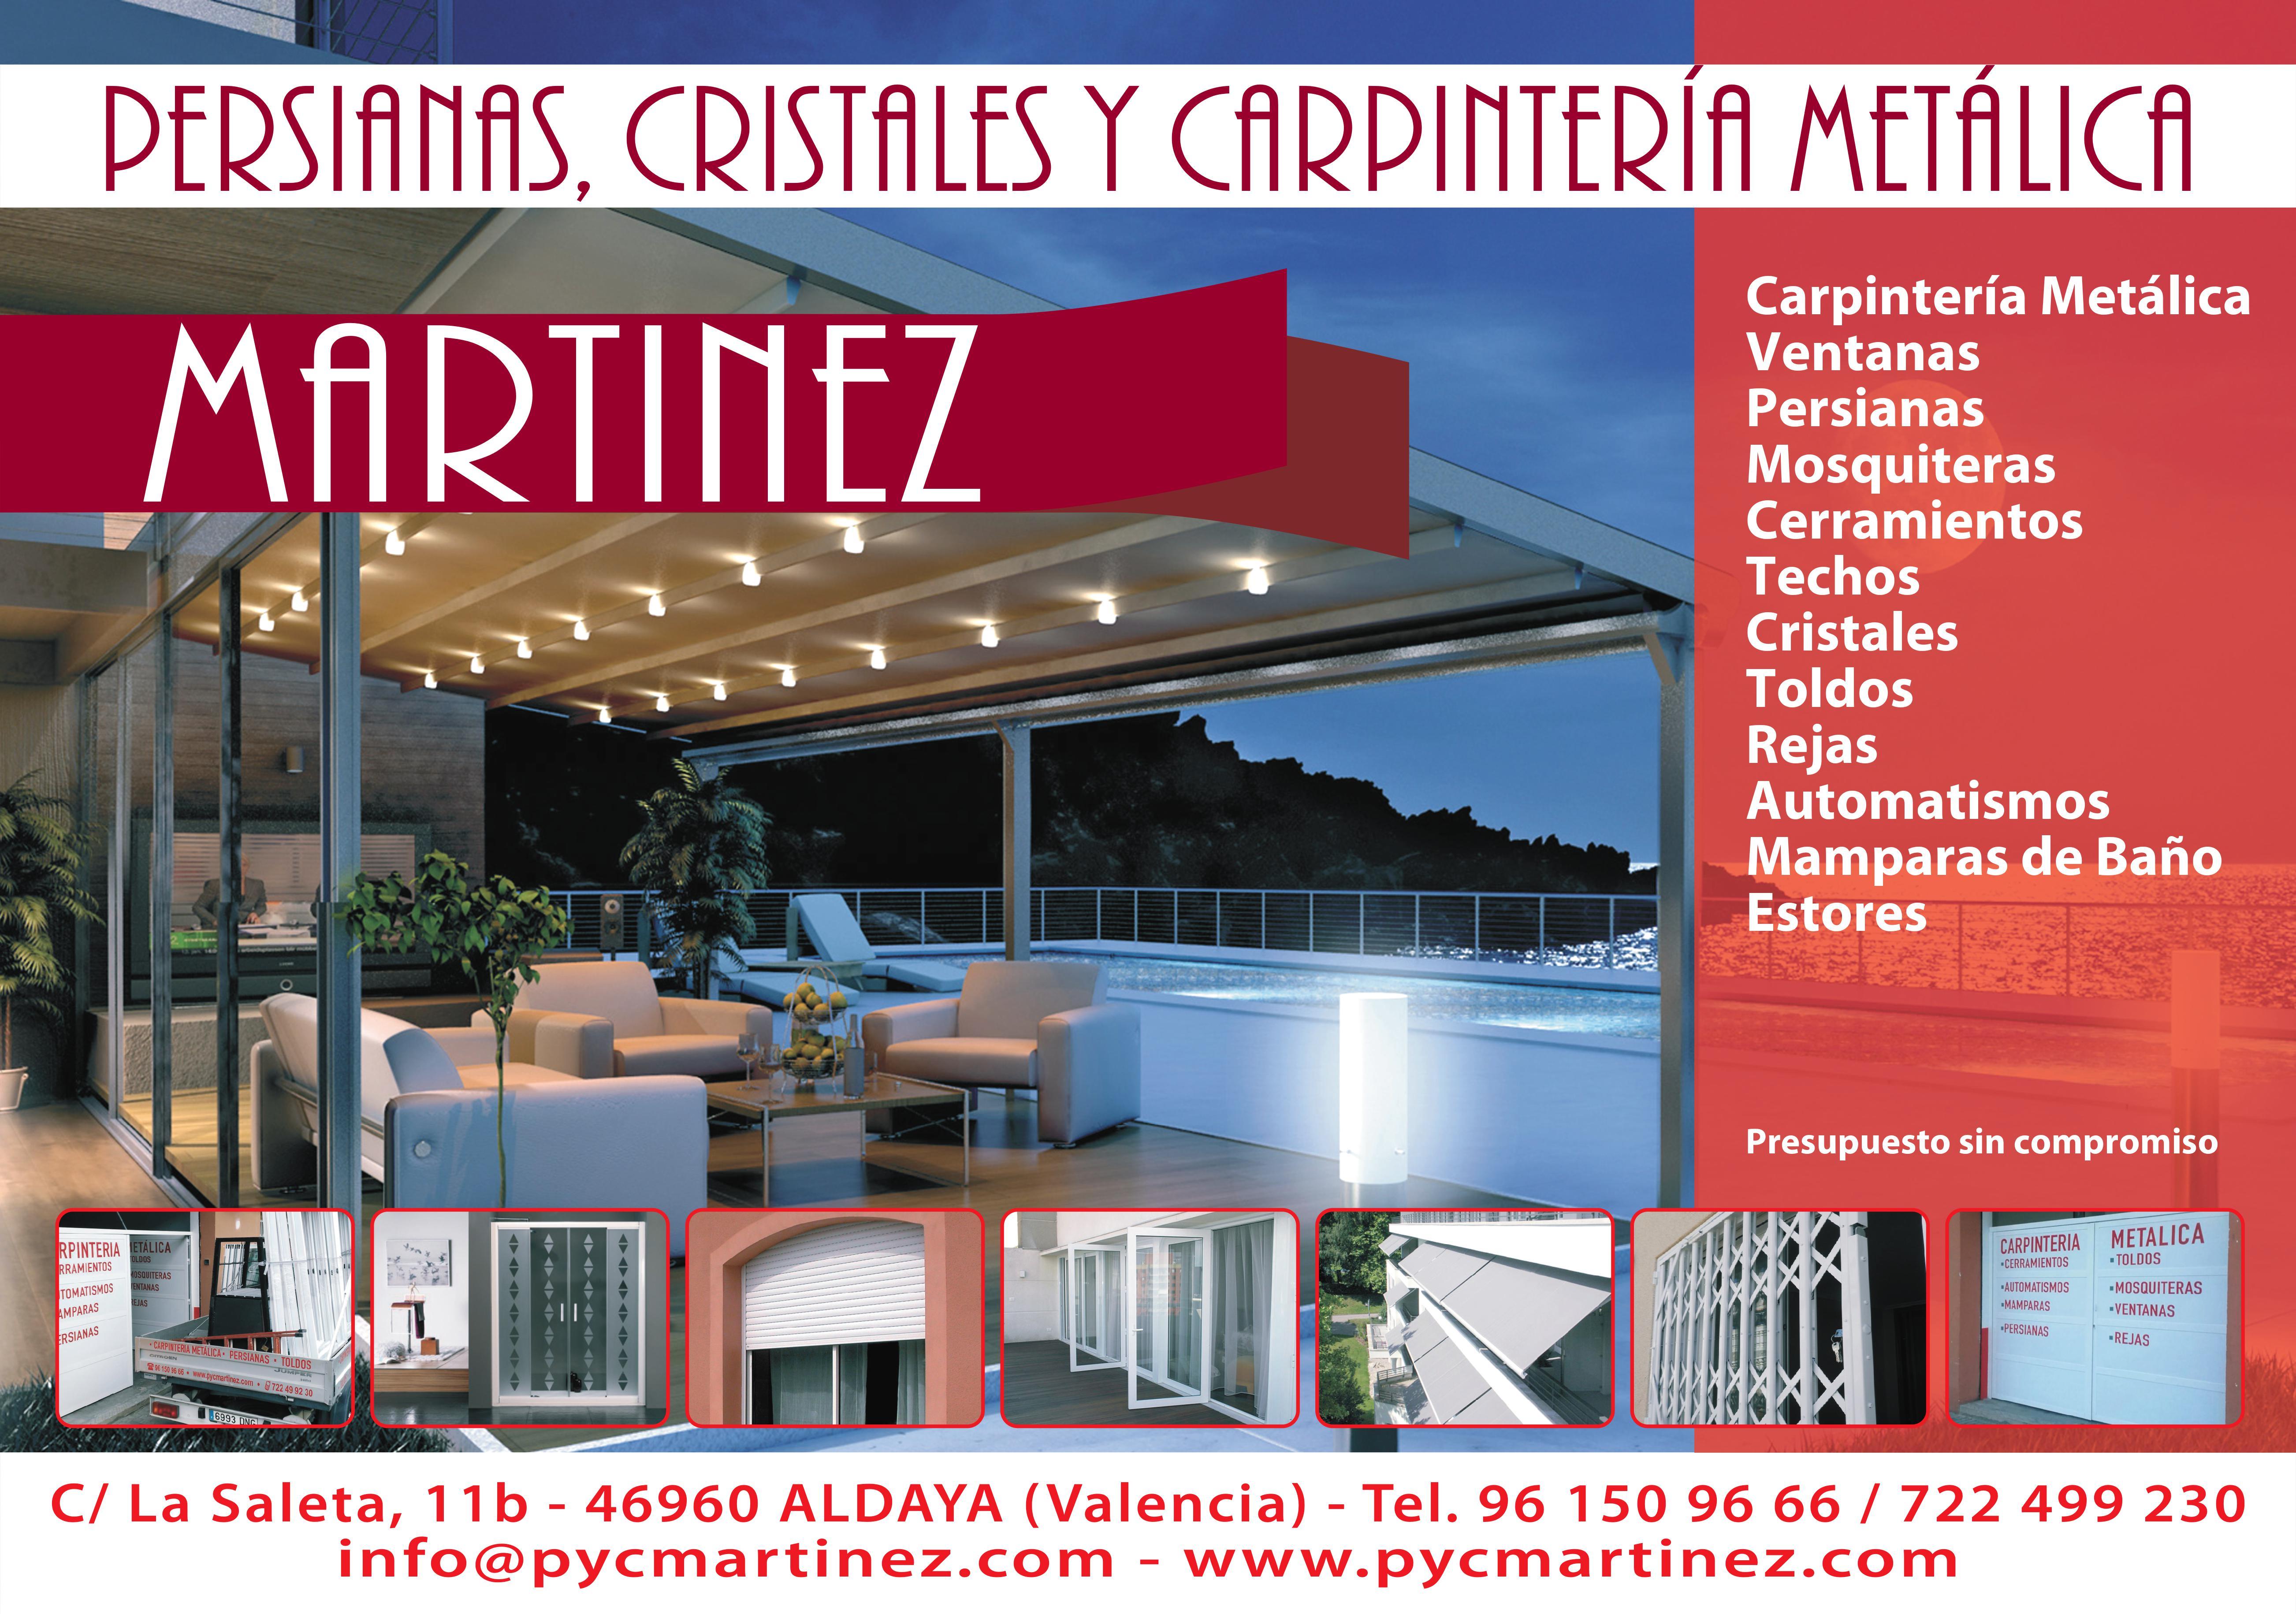 Persianas Y Cristales Martinez, S.L.